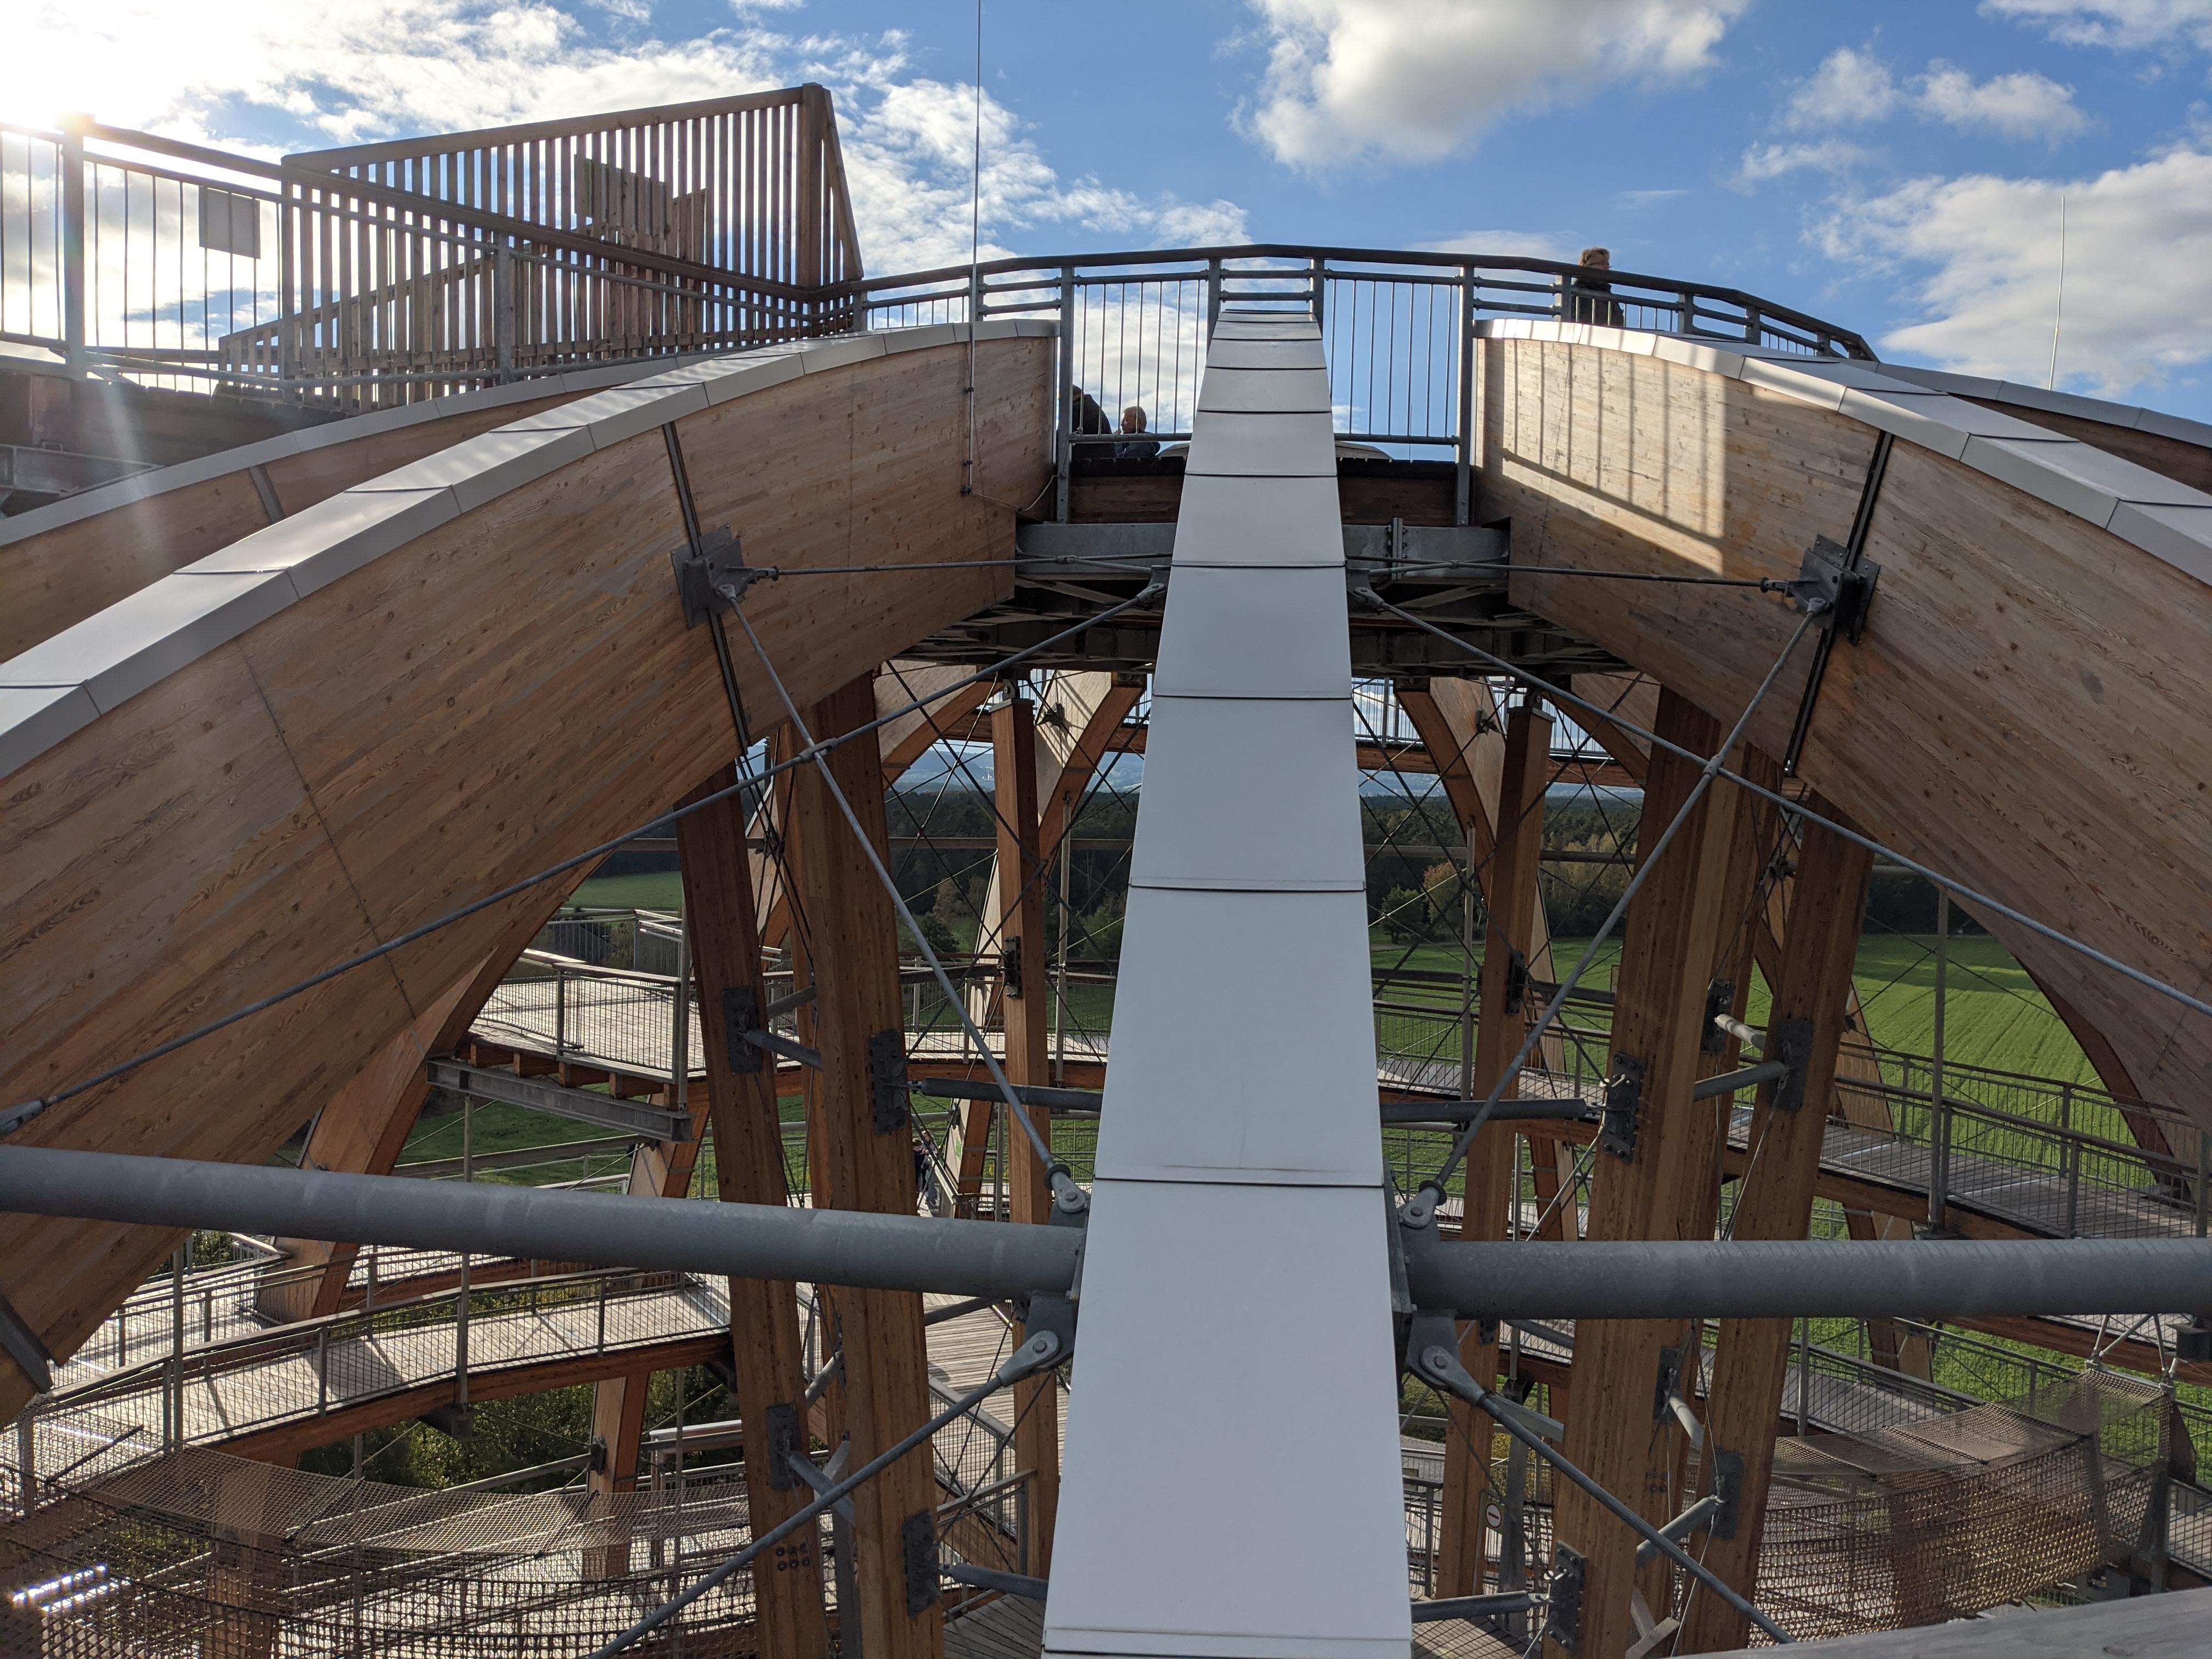 Letzte Meter zur oberen Plattform und Blick nach unten auf zwei Plattformen und den Weg / Bild-Quelle: privat